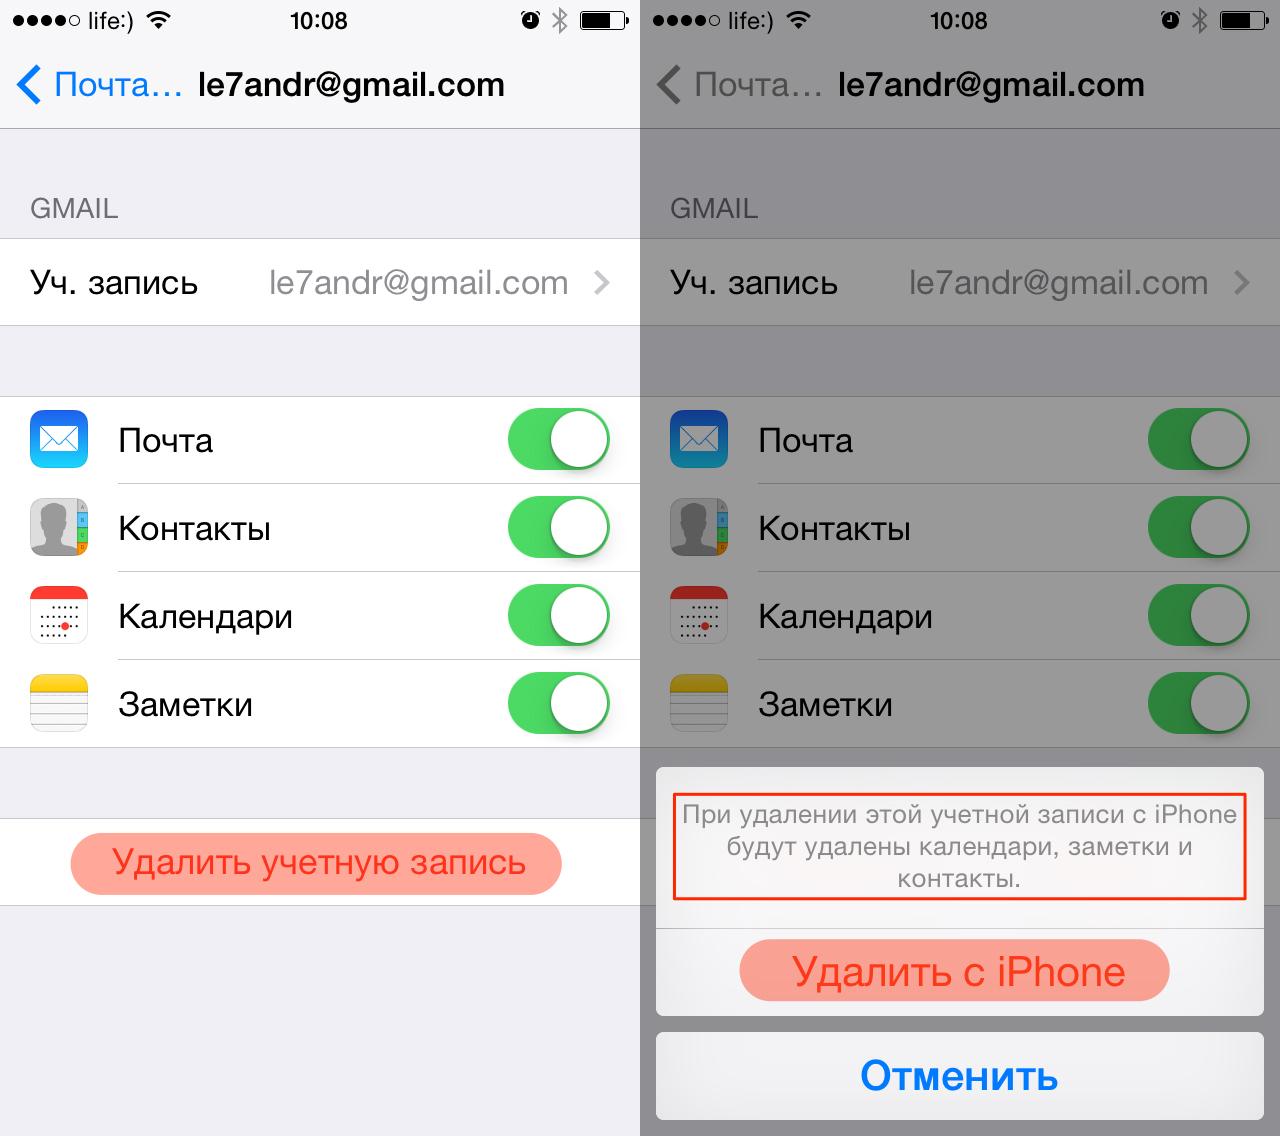 Как сделать контакт избранным на айфоне